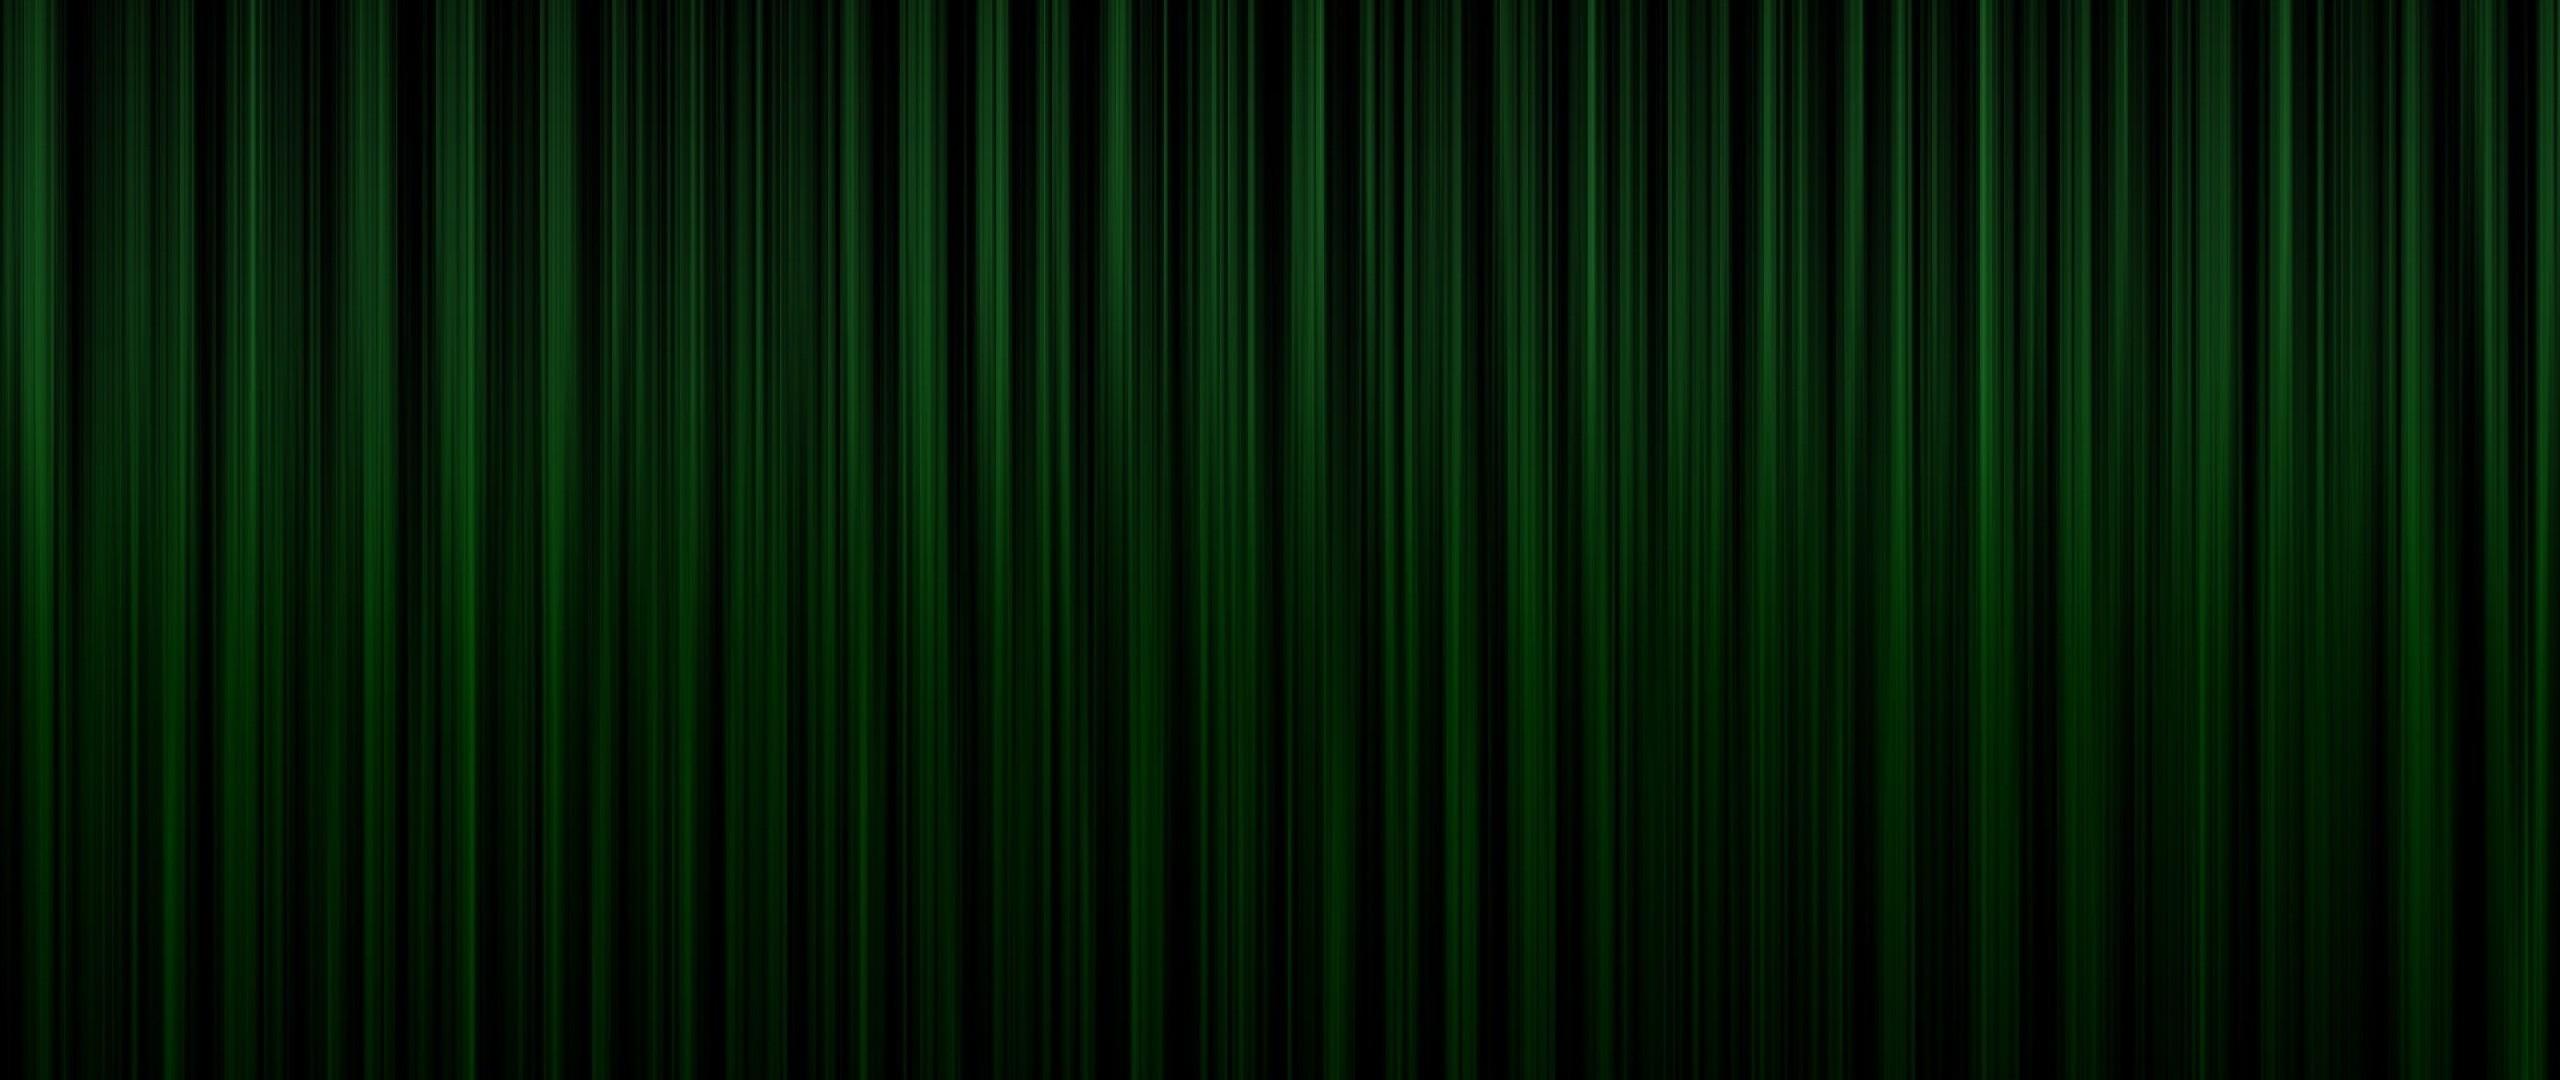 Preview wallpaper green, bands, vertical, dark, shadow 2560×1080